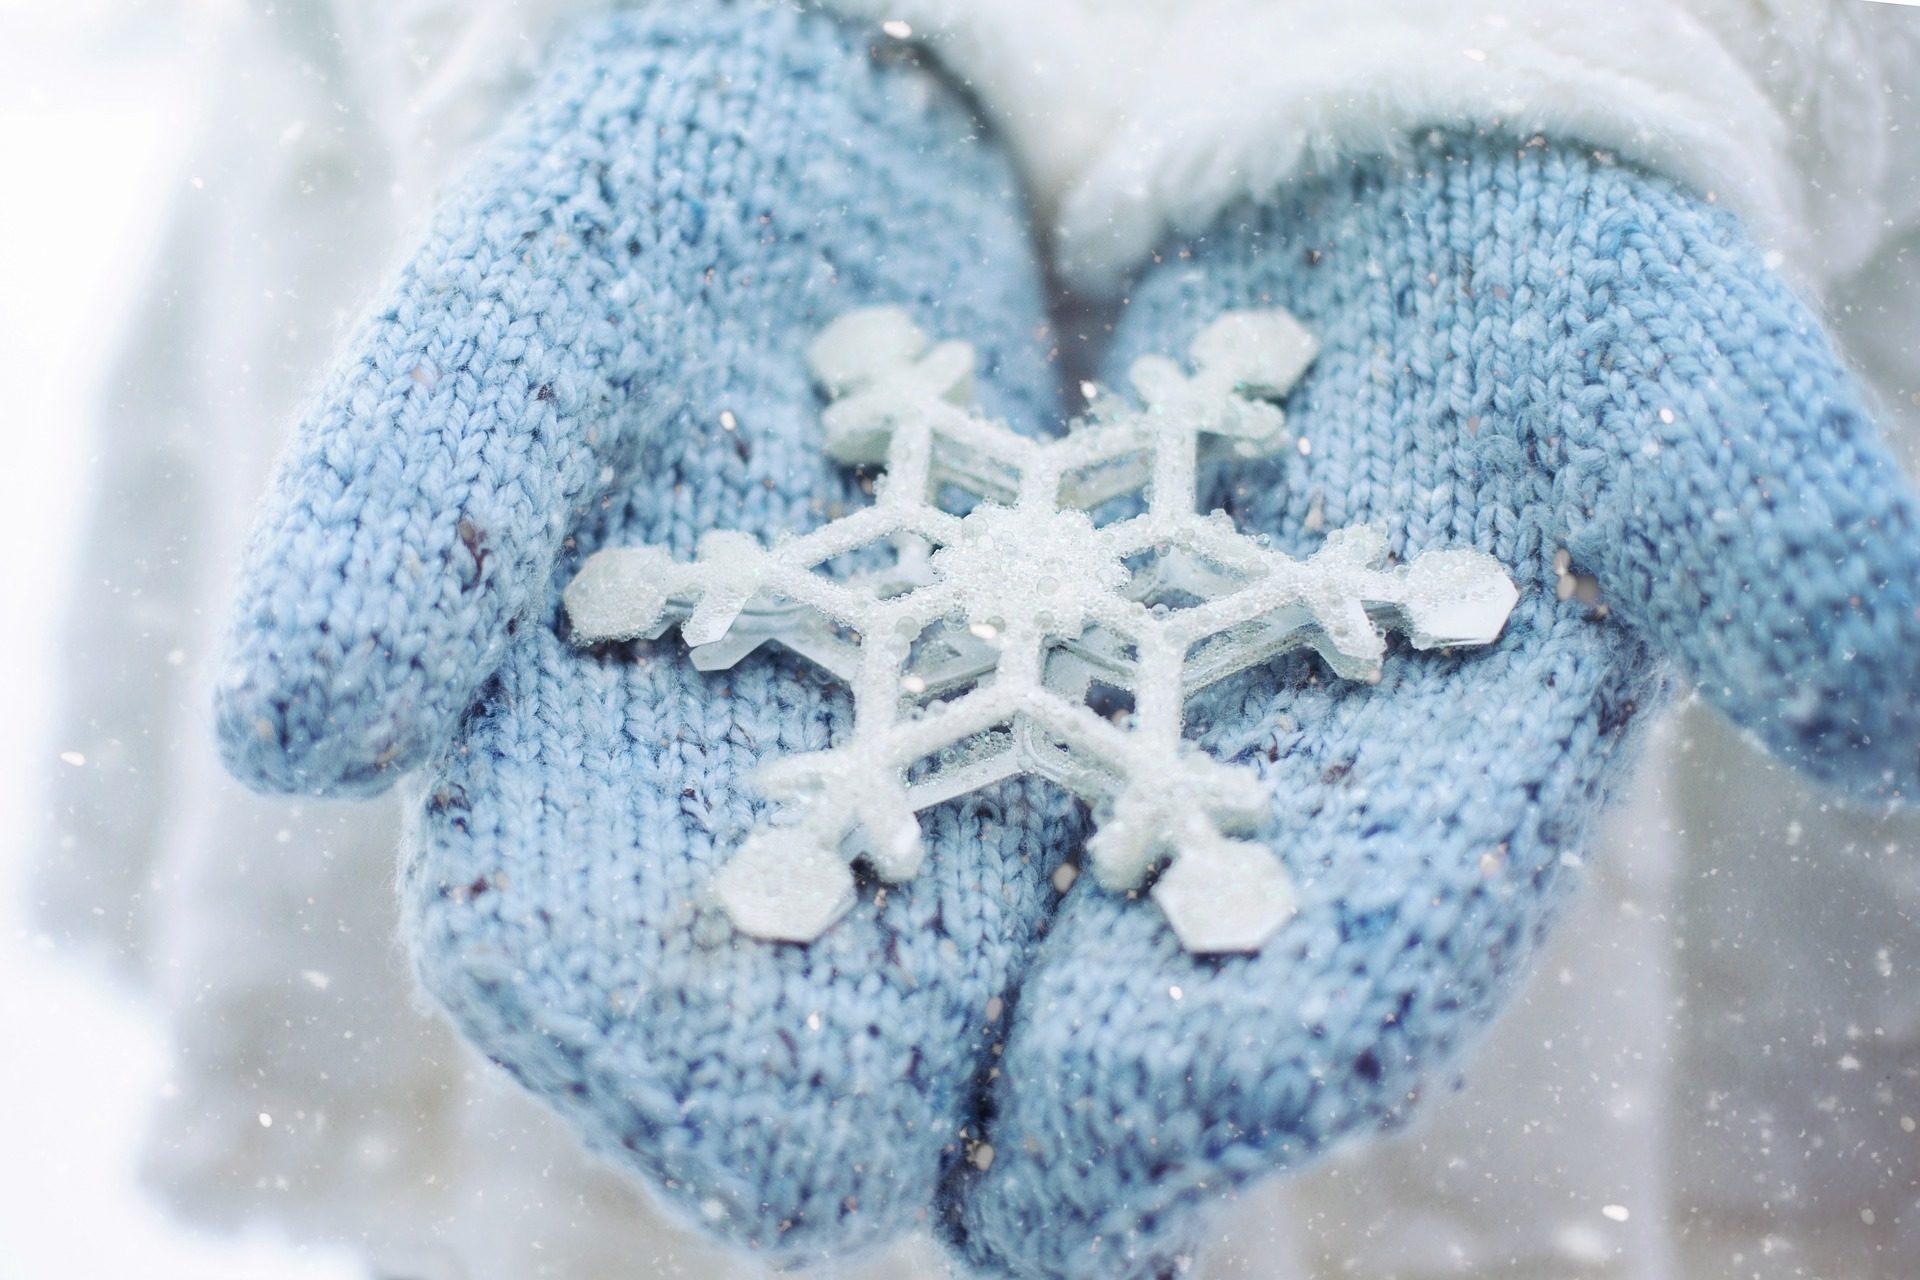 手, 手套, 雪花, 雪, 感冒, 冬天 - 高清壁纸 - 教授-falken.com